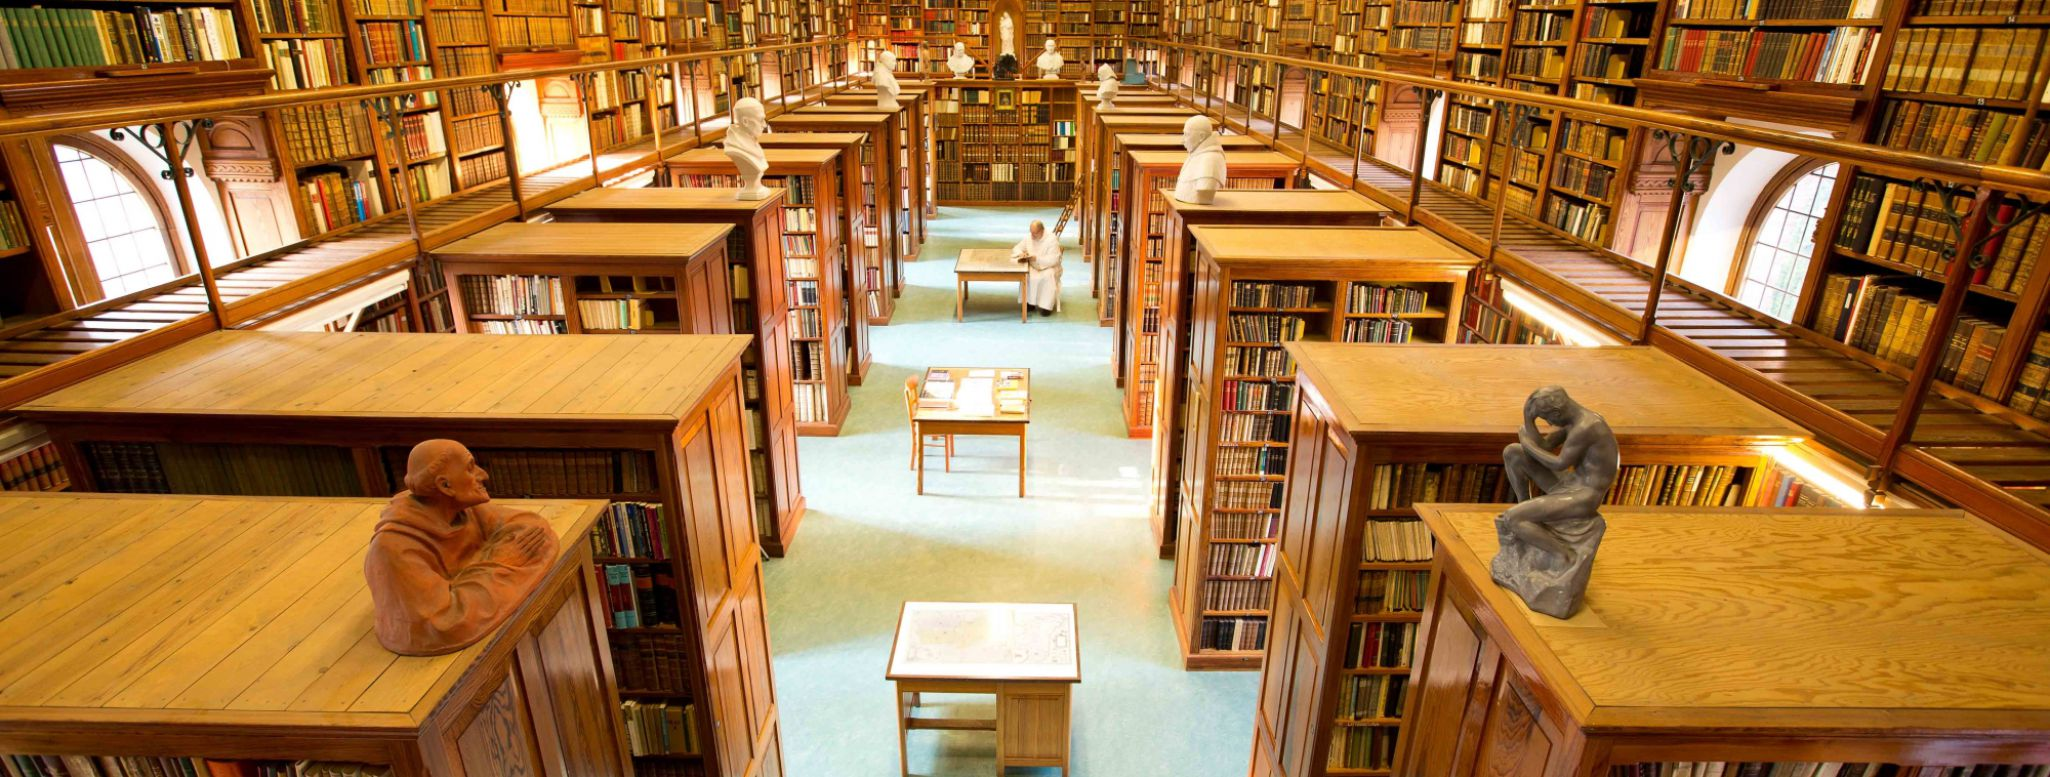 La biblioteca dell'abbazia di Westmalle